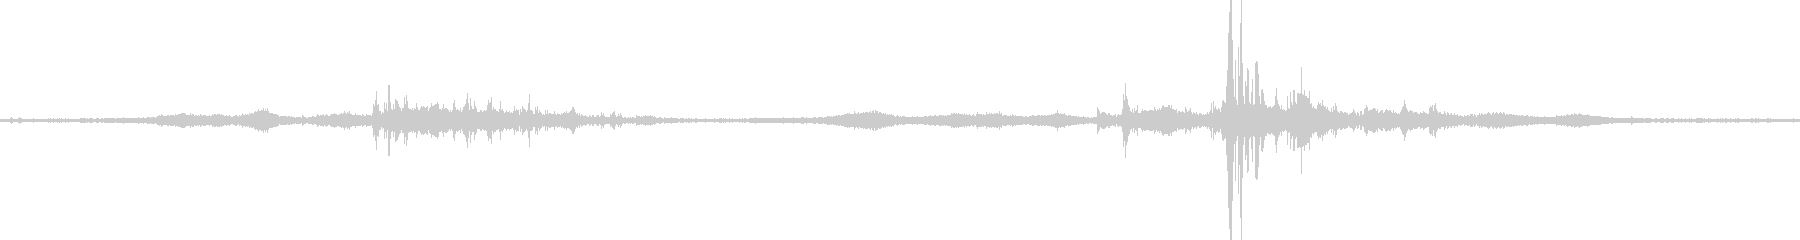 【生音】雷11 - 風と雷と通行音の未再生の波形